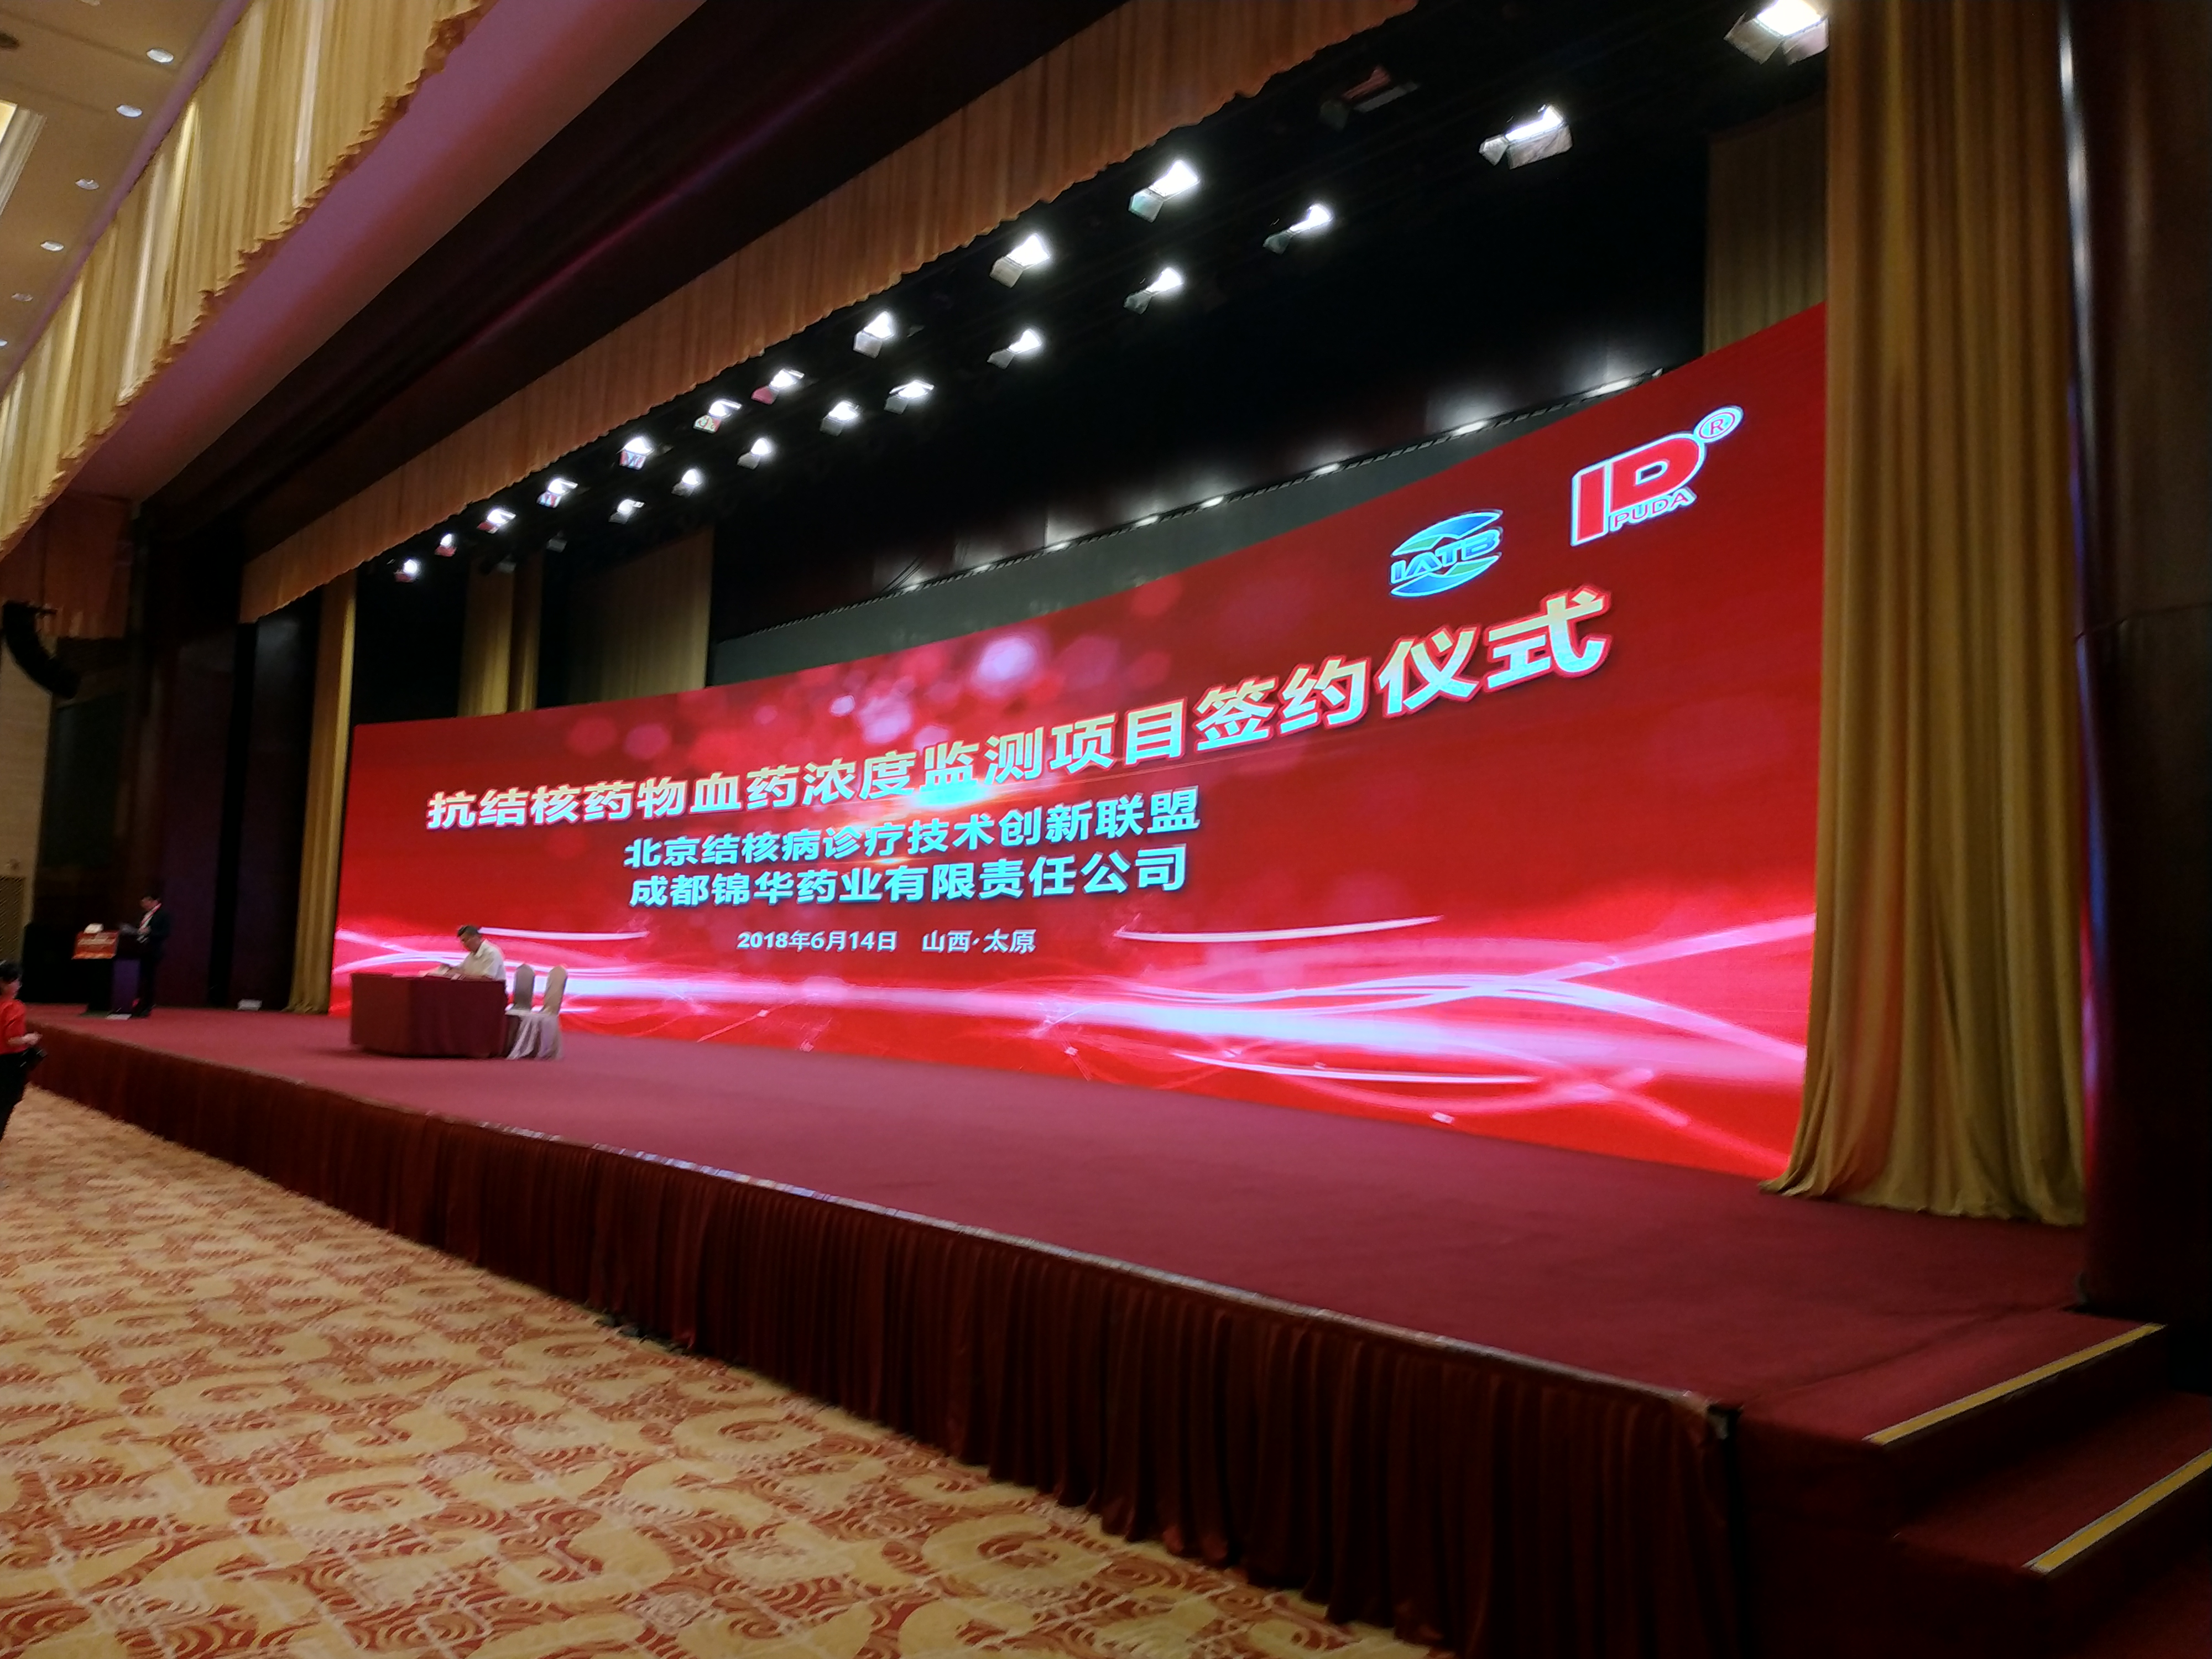 公司与北京结核病诊疗技术创新联盟举行抗结核药物血药浓度监测项目签约仪式